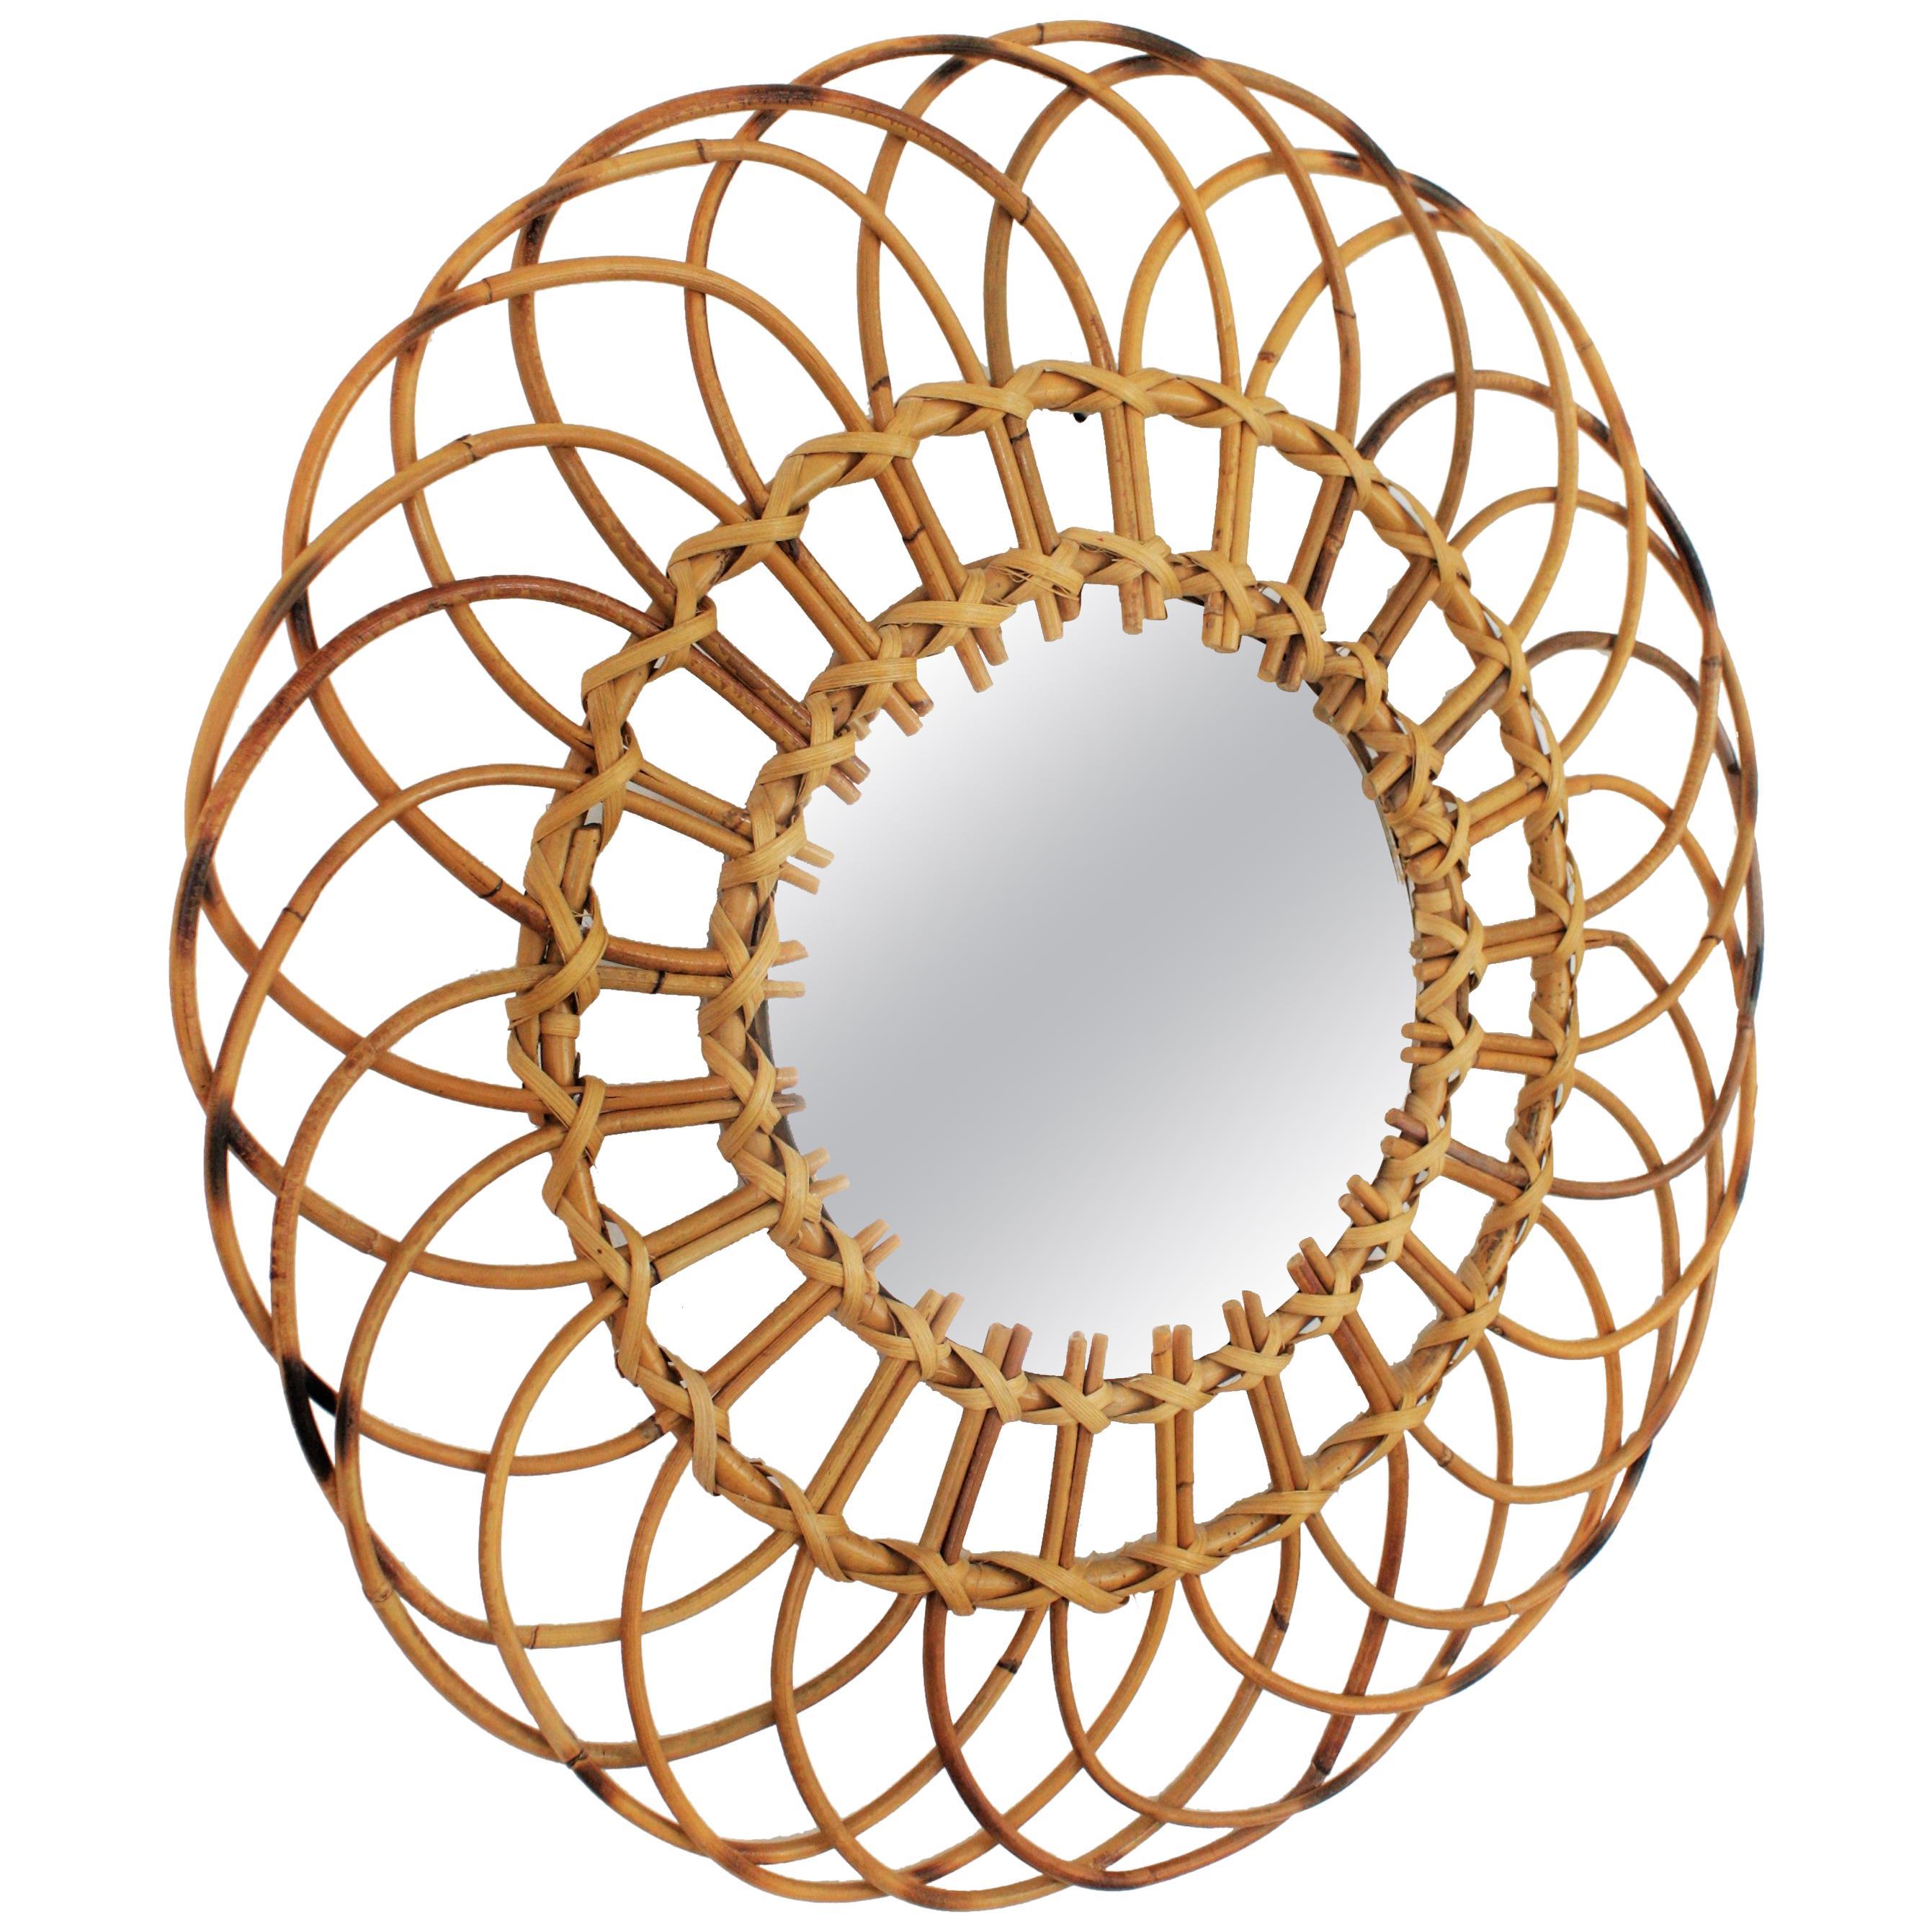 Midcentury Mediterranean Rattan and Wicker Flower Shaped Sunburst Mirror